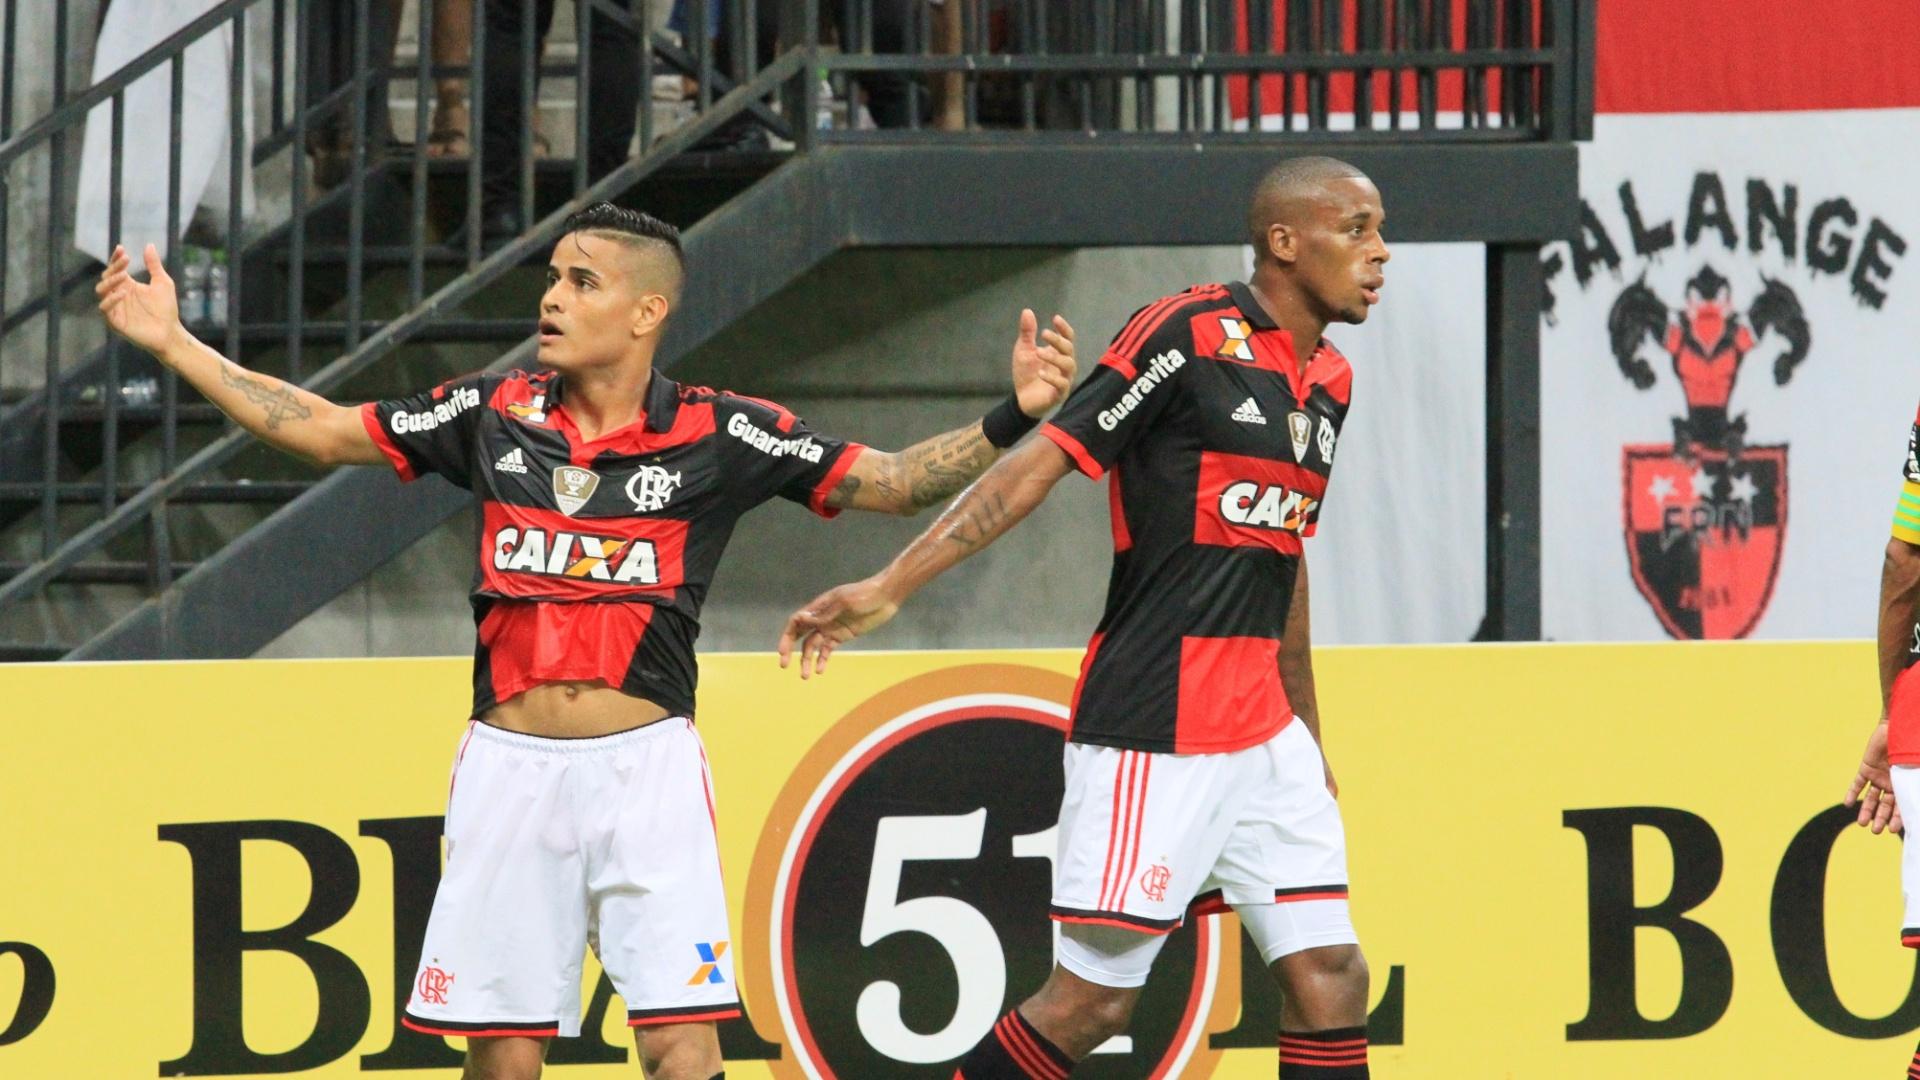 Everton comemora gol do Flamengo em partida contra o Vitória na Arena Amazonas, em Manaus